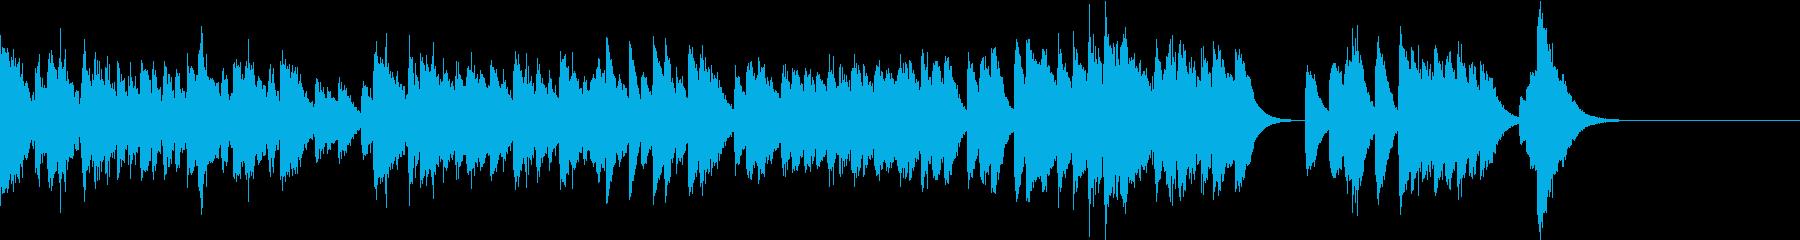 華麗で荒々しいスペイン調のピアノジングルの再生済みの波形